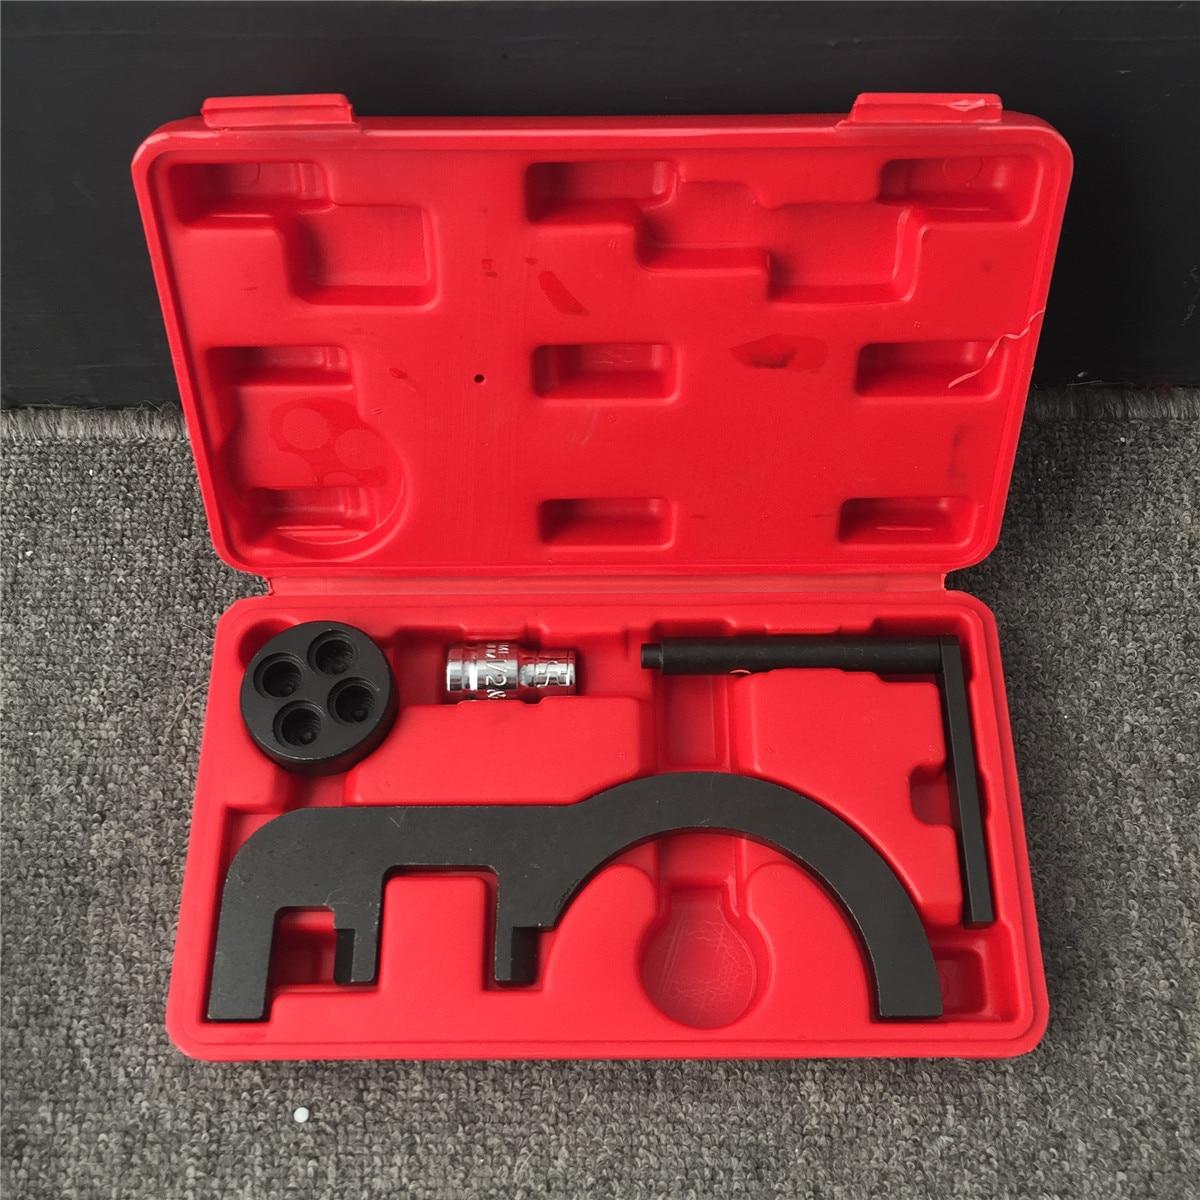 Engine Timing Tool Fits For BMW X1 X5 X6 N47 N47S N57 D20A D20B D20T0 D30U0 D30T0